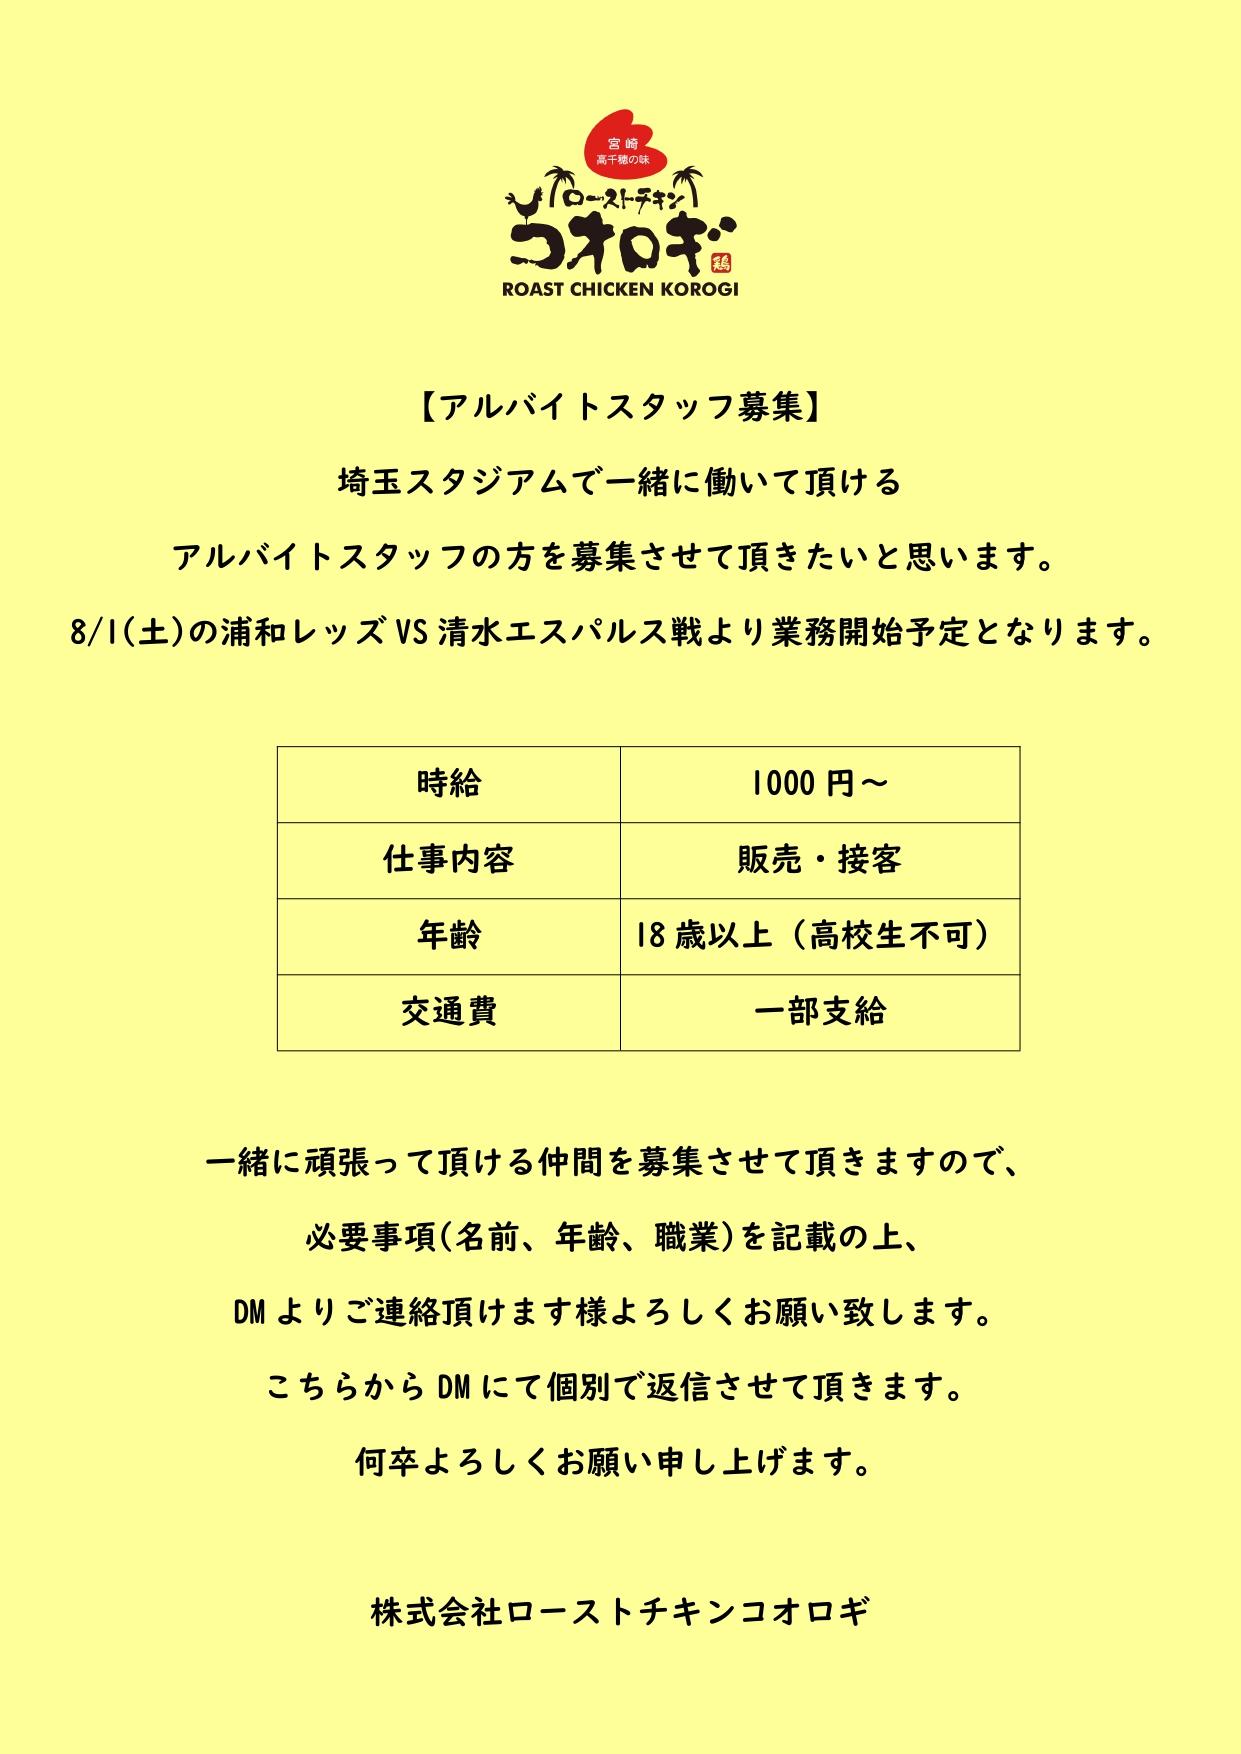 埼玉スタジアムアルバイト募集